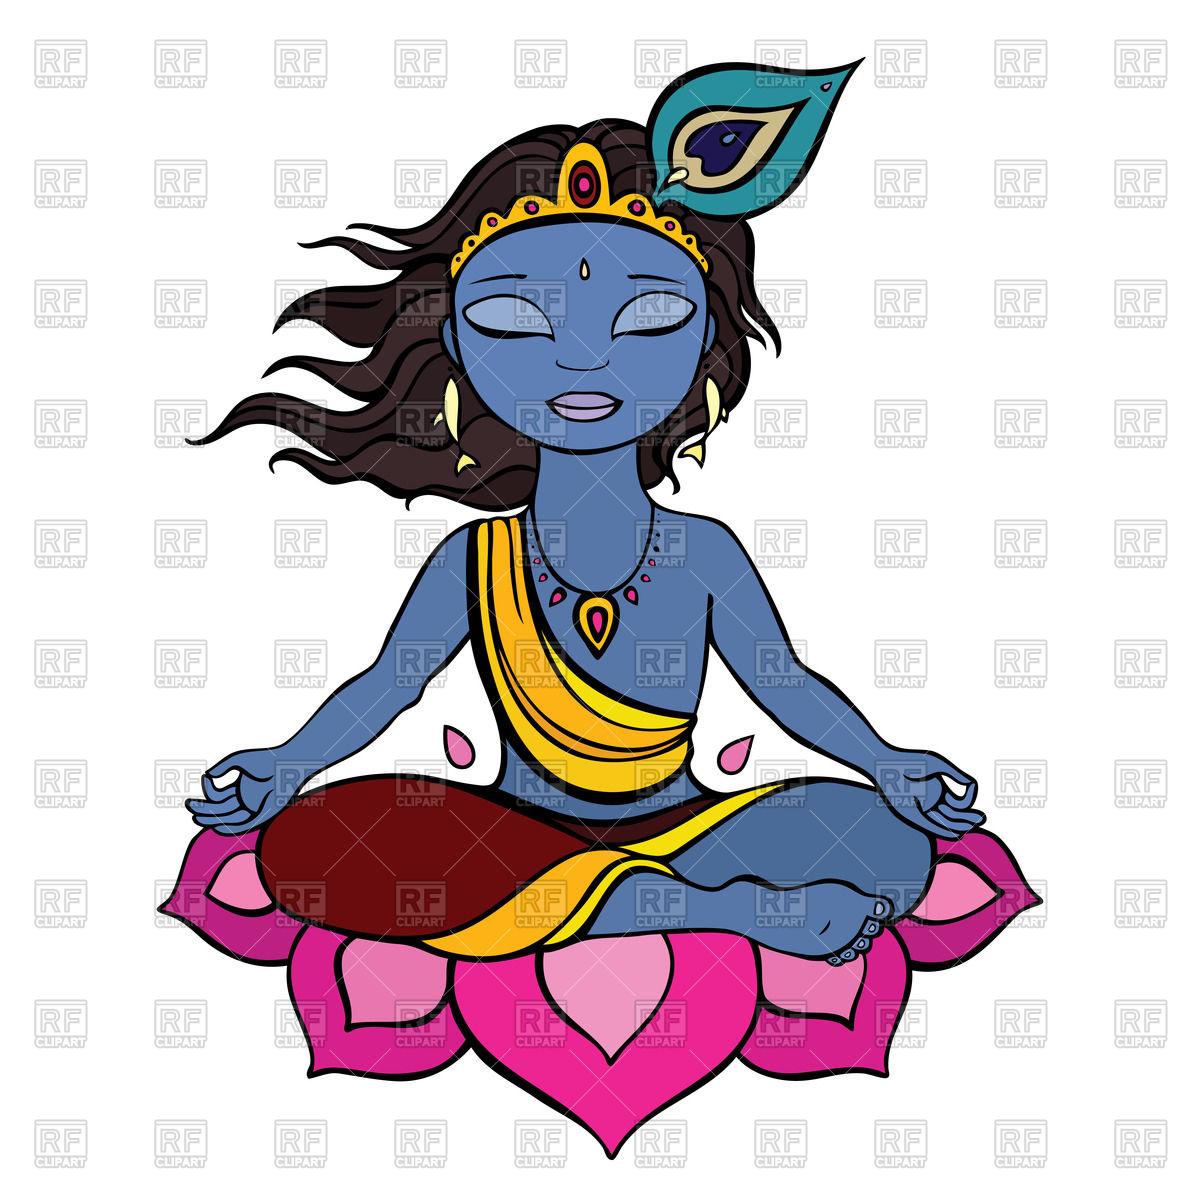 Meditation - Hindu god Krishna on lotus flower Royalty Free Vector Clip Art